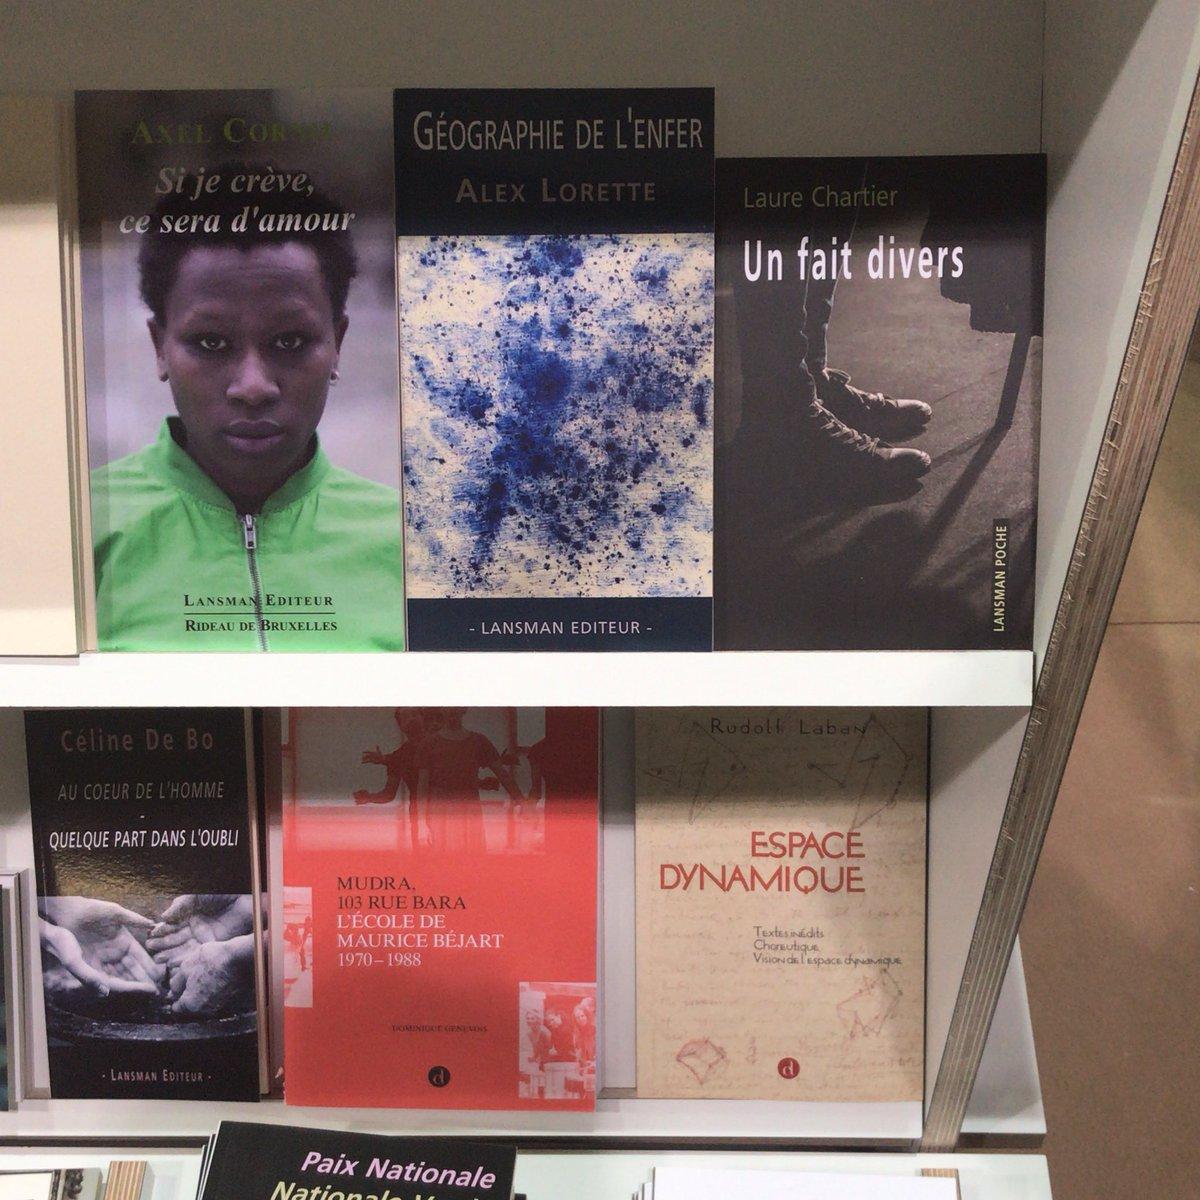 «Un fait divers» de Laure Chartier publié chez Lansman @INFOTHEATRE est à découvrir sur le stand de la Fédération Wallonie-Bruxelles à la @foirelivrebxl parmi d'autres jeunes auteur.trice.s ! #FLB19 https://t.co/wMBEQhAx6h